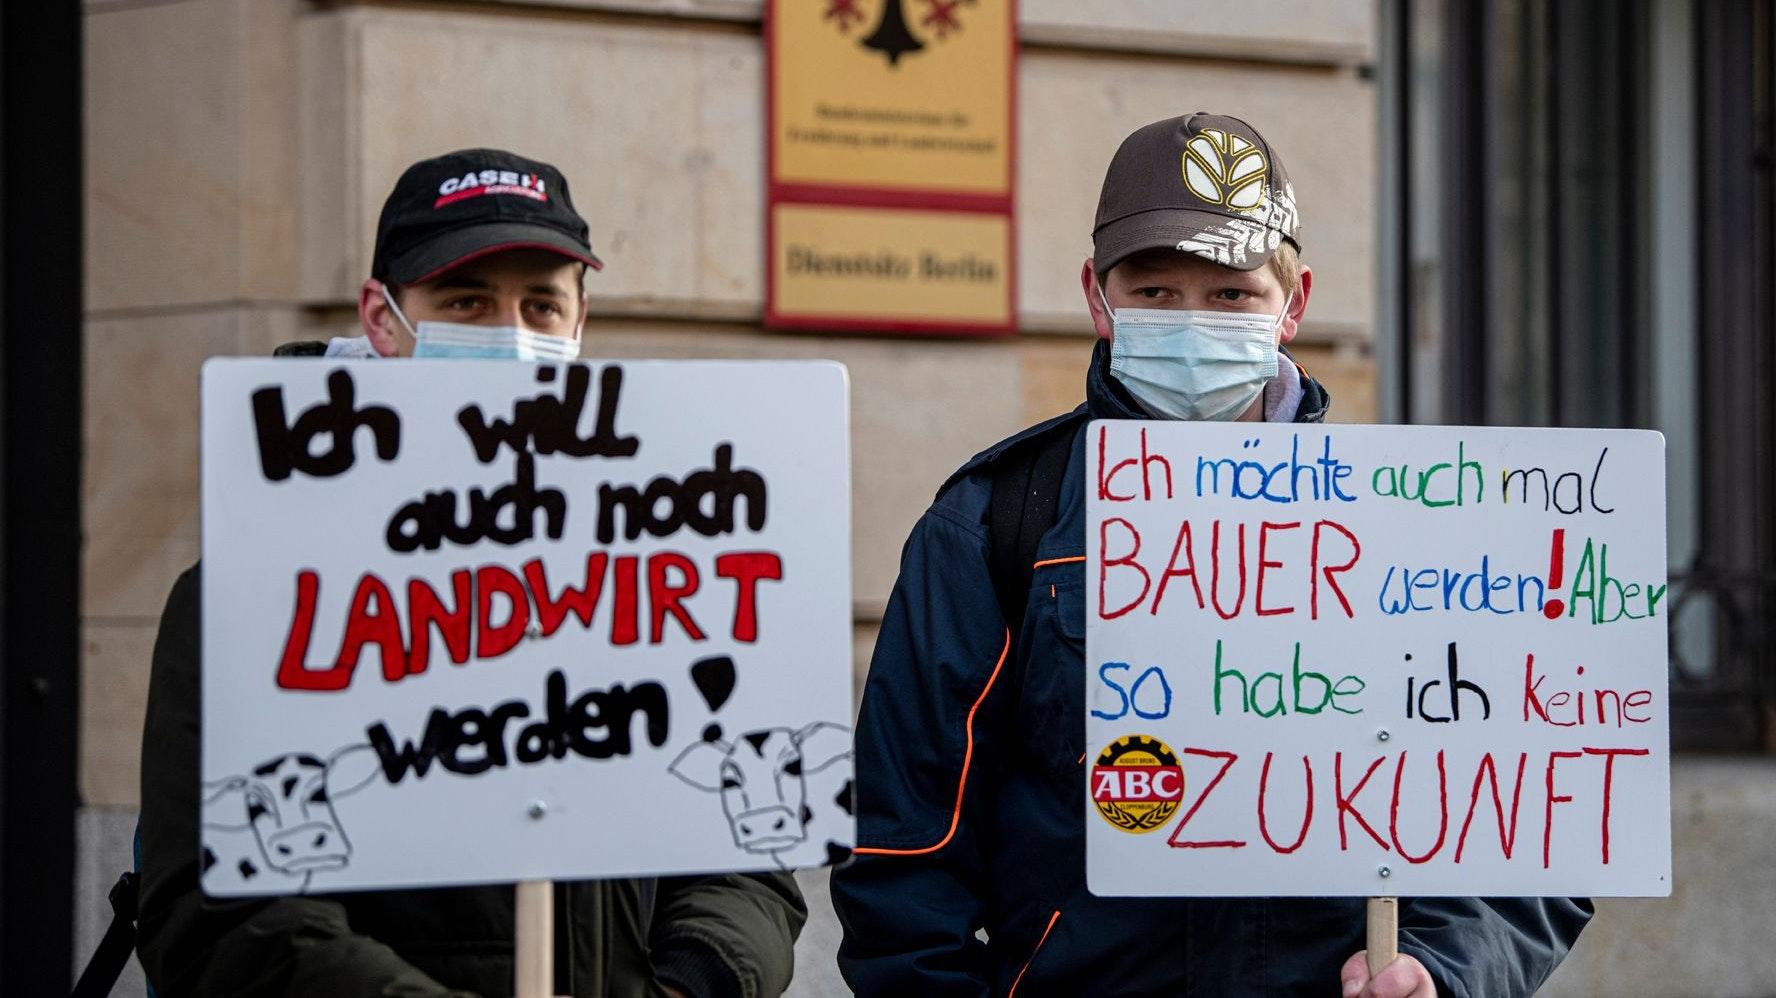 Zwei junge angehende Landwirte demonstrieren mit Plakaten vor dem Bundeslandwirtschaftsministerium für höhere Preise für Agrarprodukte und weniger Regulierung. Foto:dpa/Fabian Sommer